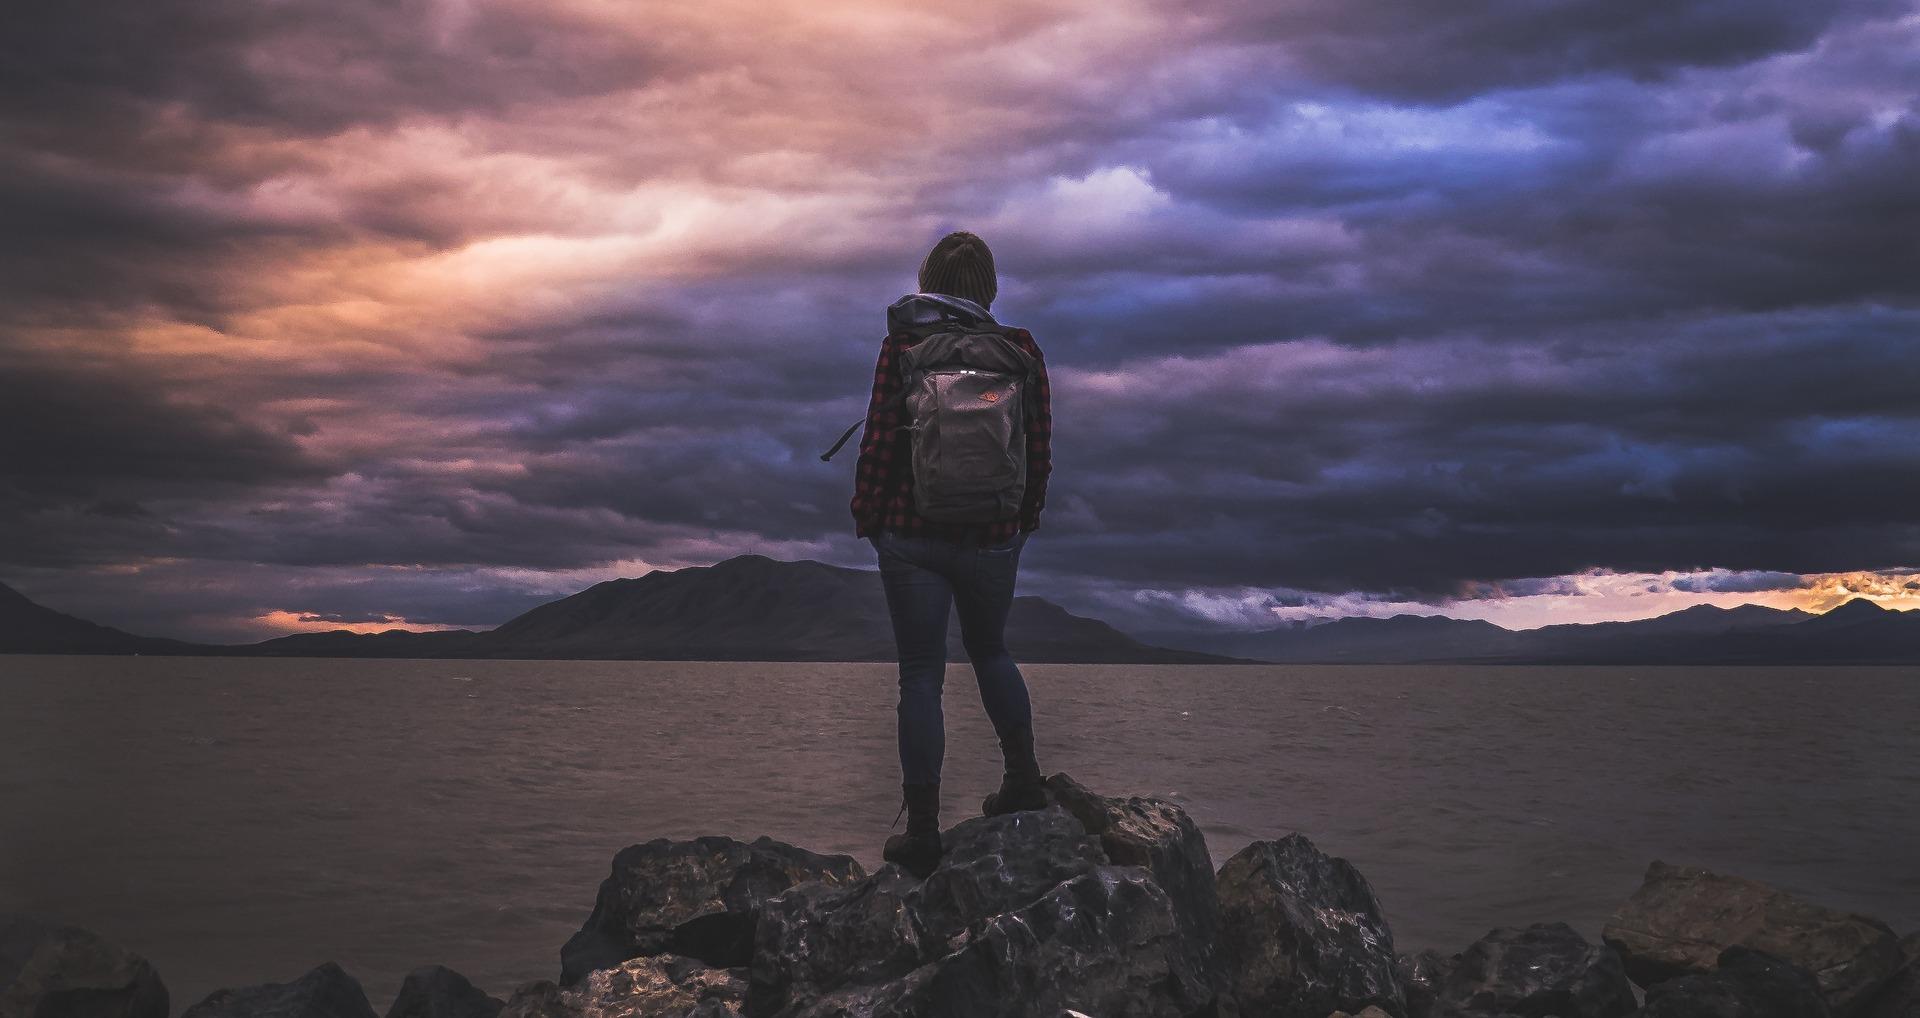 marc-miro-transformacion--liderazgo-desarrollo-personal-coaching-metas-exito-blog-222